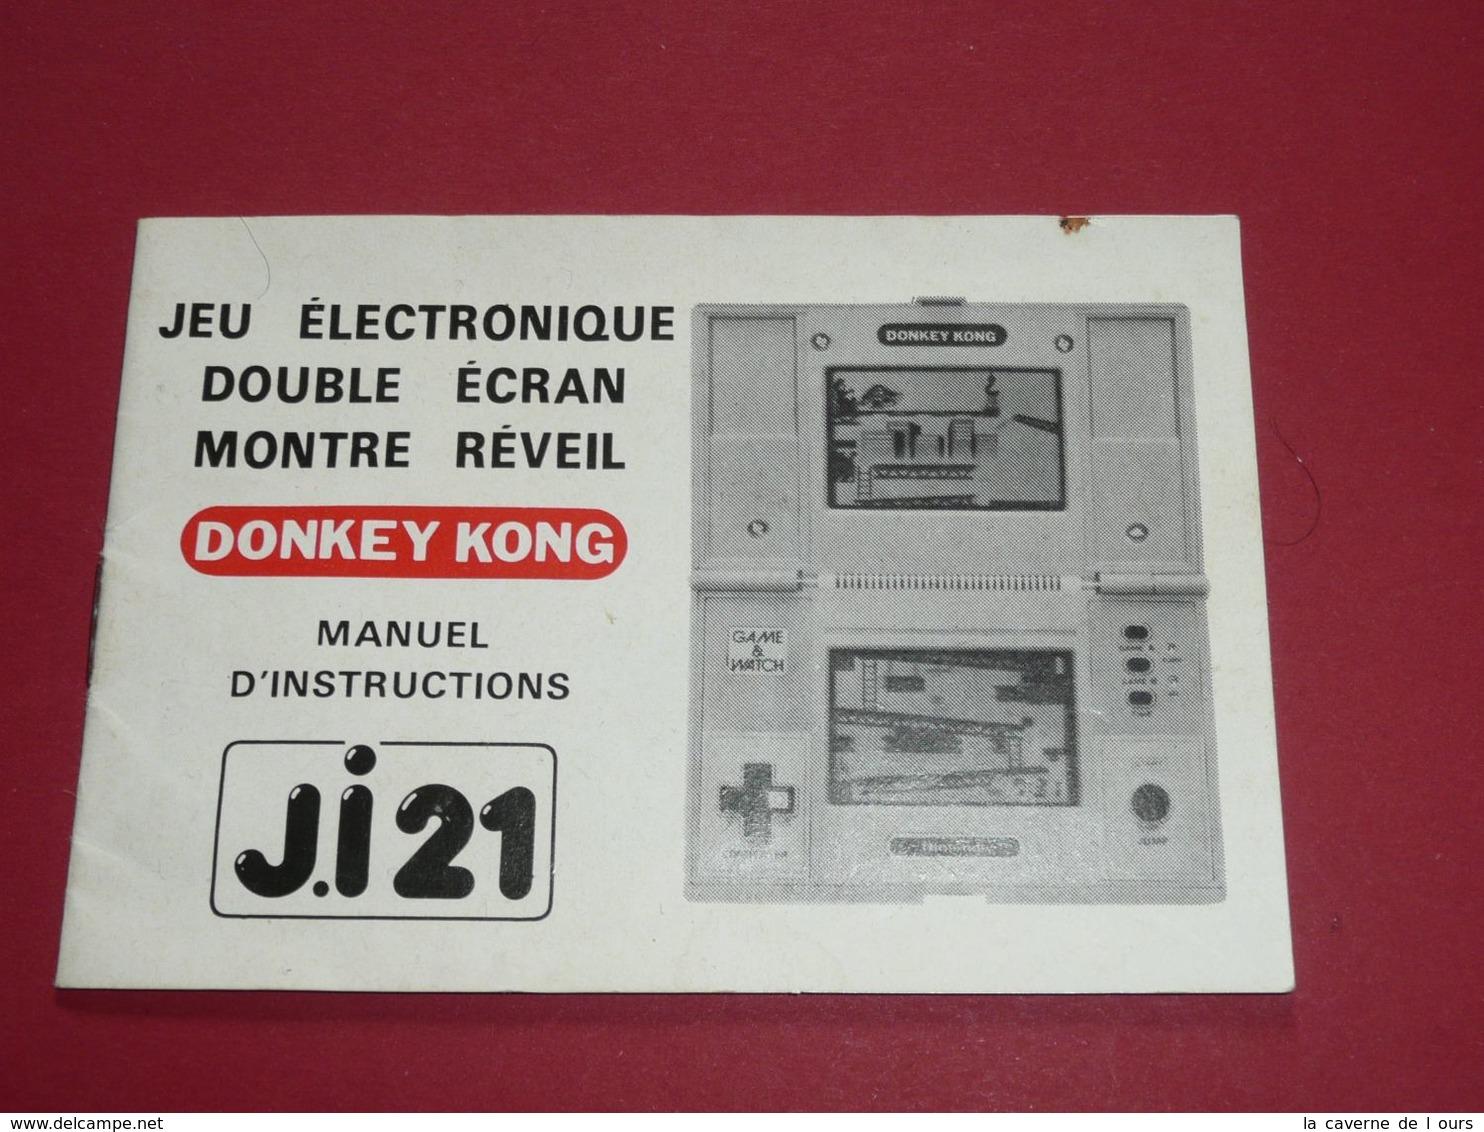 Rare Manuel D'instructions Vintage DONKEY KONG Jeu électronique Double Ecran Montre Réveil J.I 21 Nintendo - Jeux électroniques